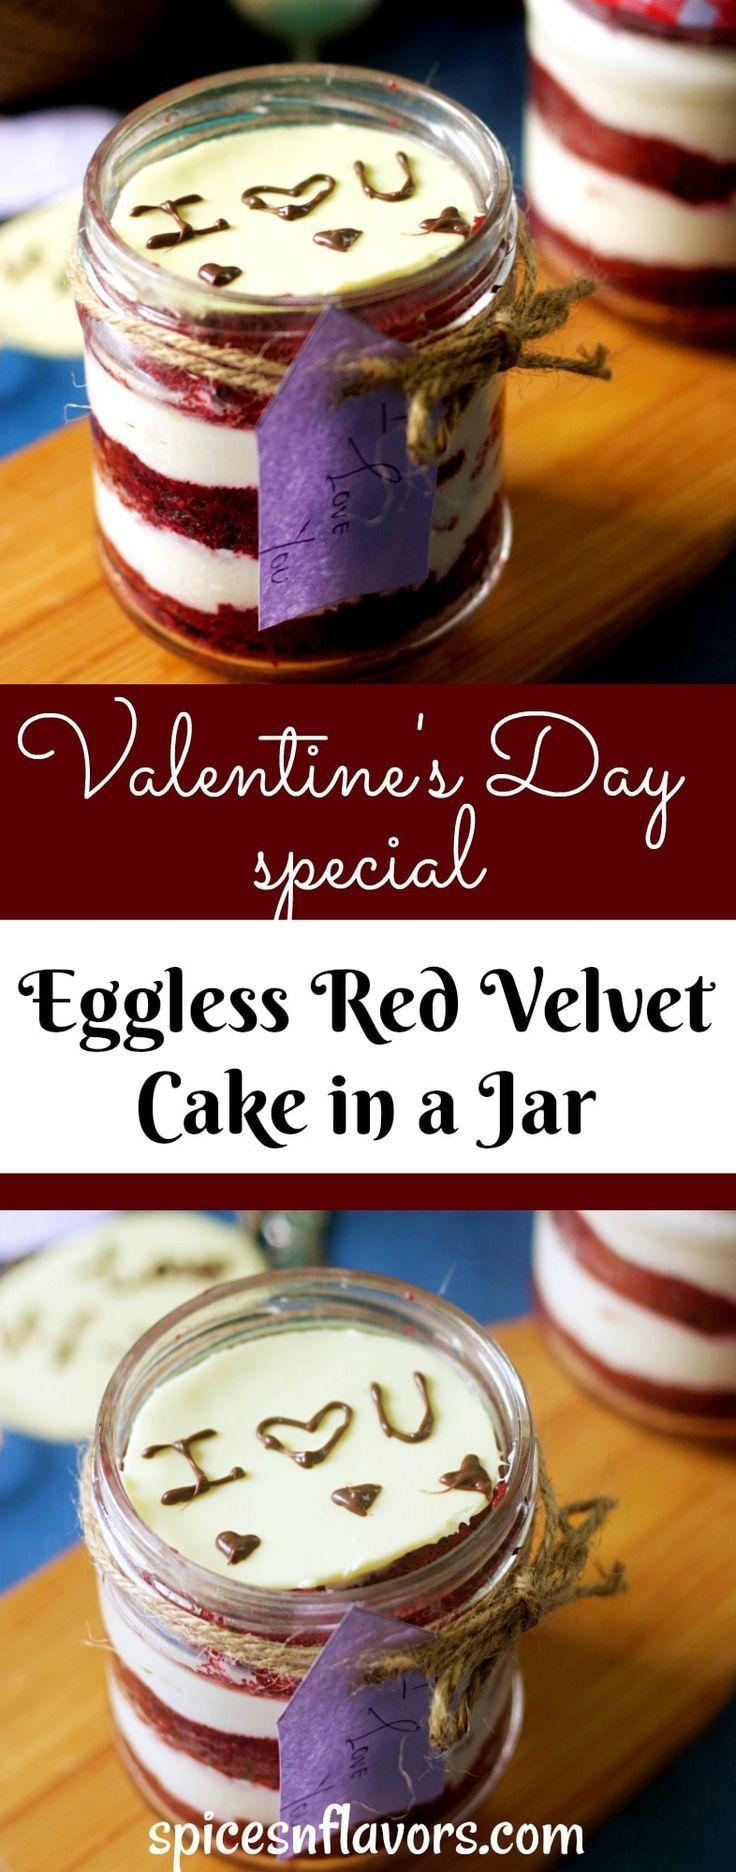 eggless red velvet cake red velvet cake in a jar mason jar desserts red velvet cake photography mason jar dessert photography diwali special recipes diwali gifting ideas edible gift ideas festival recipes valentines day recipes valentines day ideas